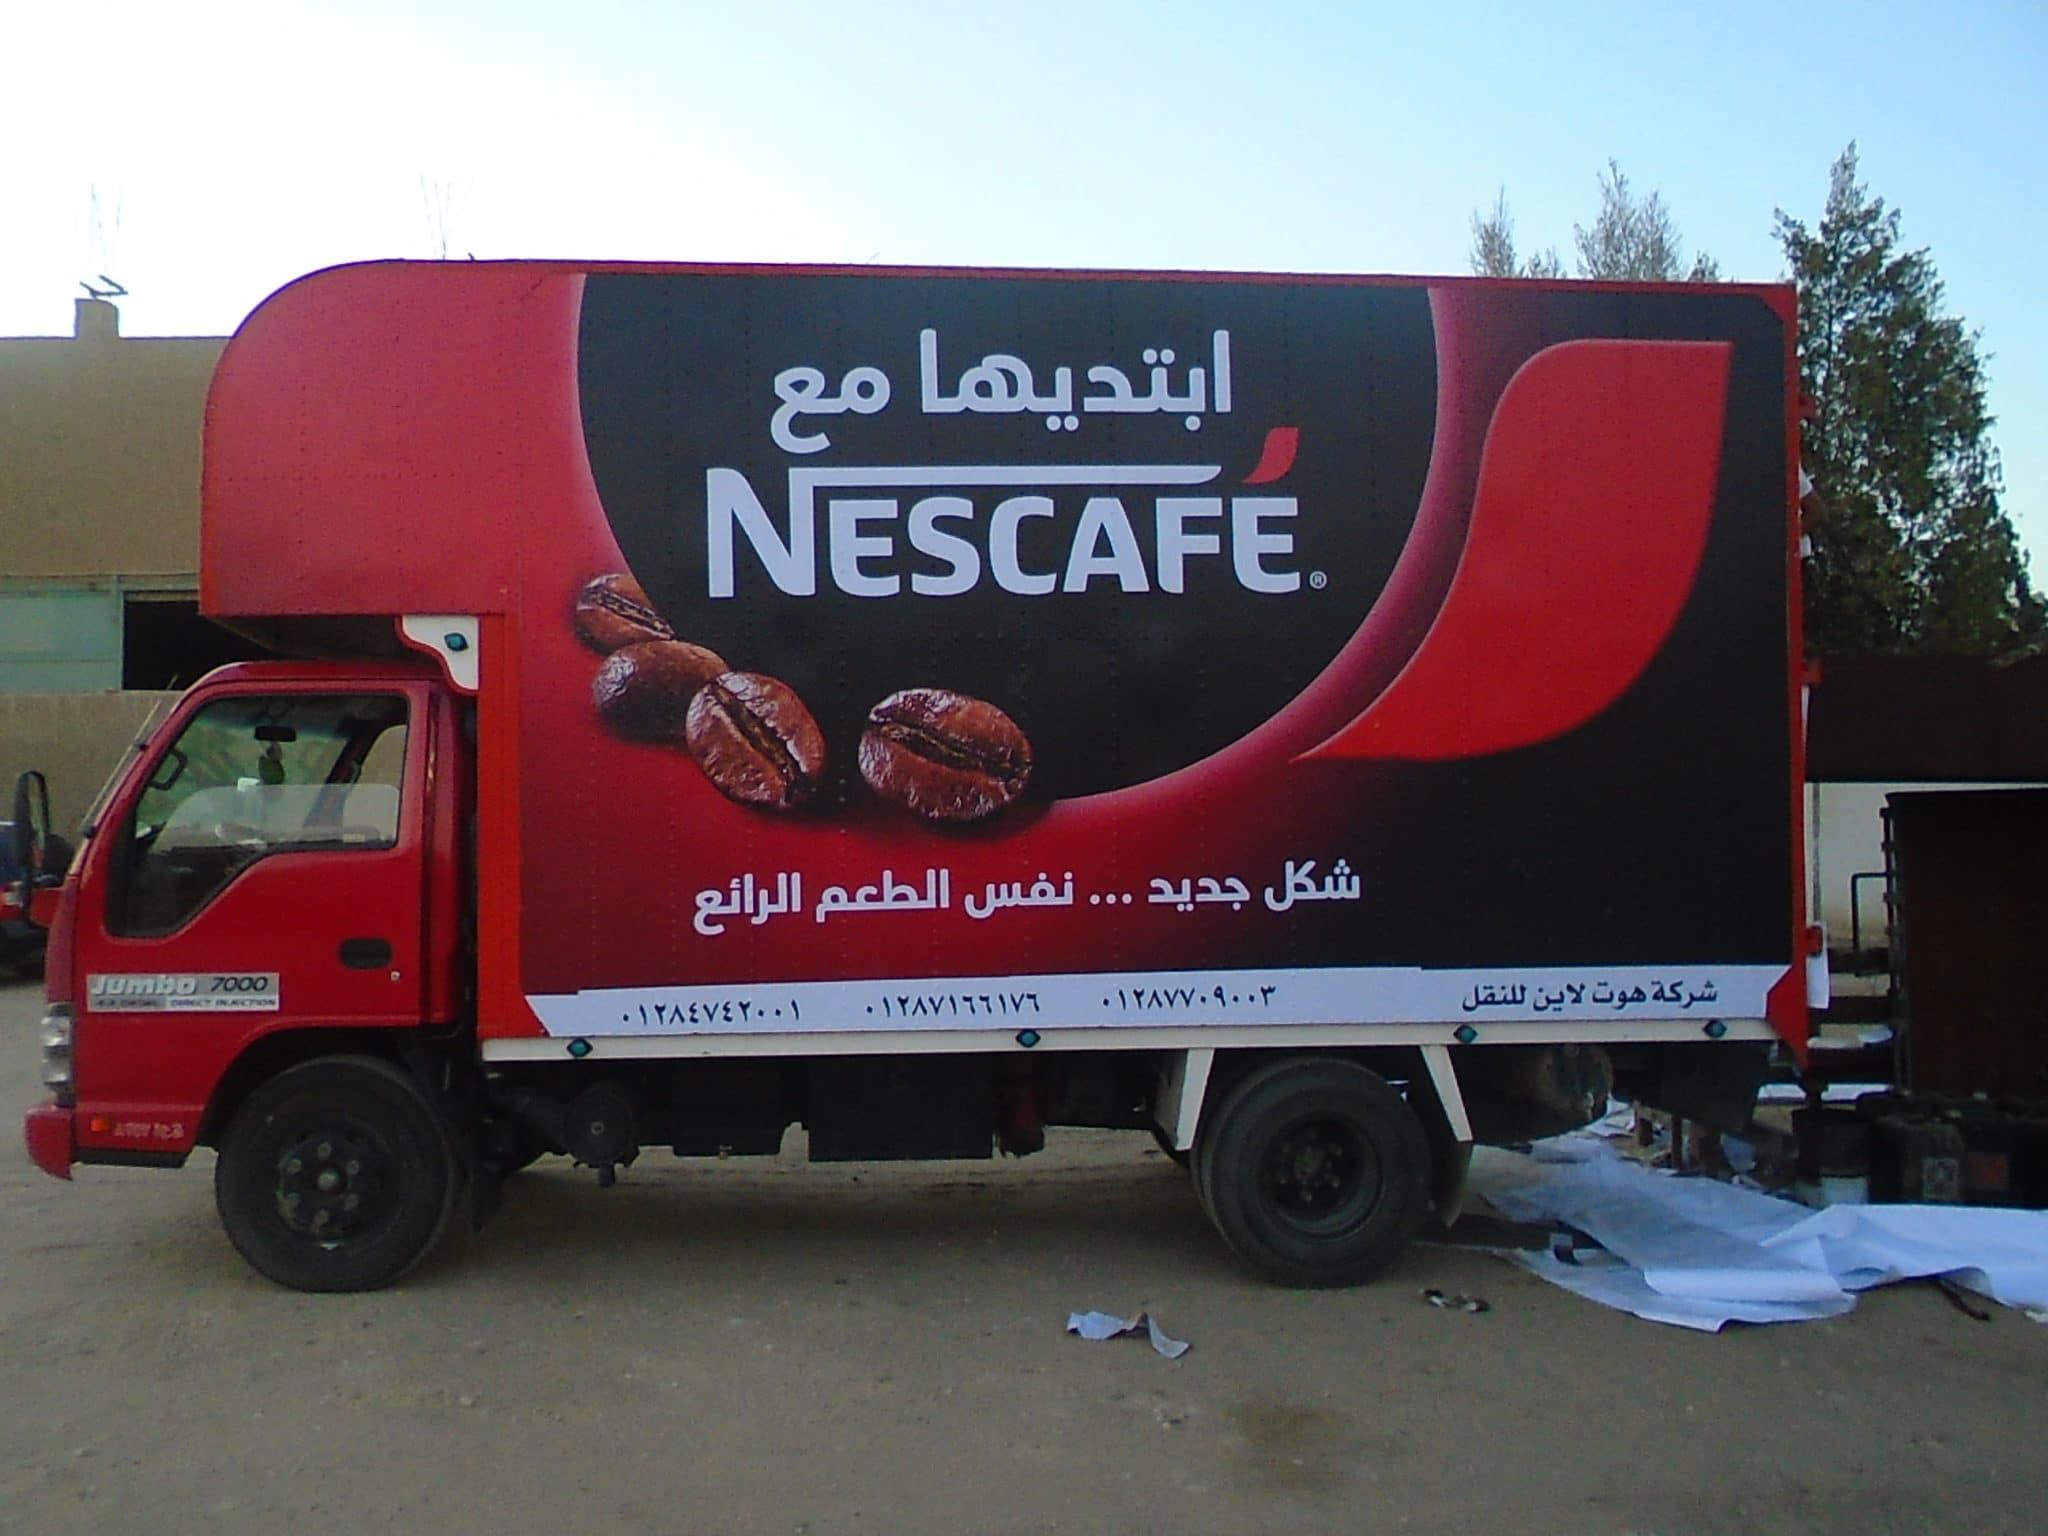 Nestle Fleet Branding